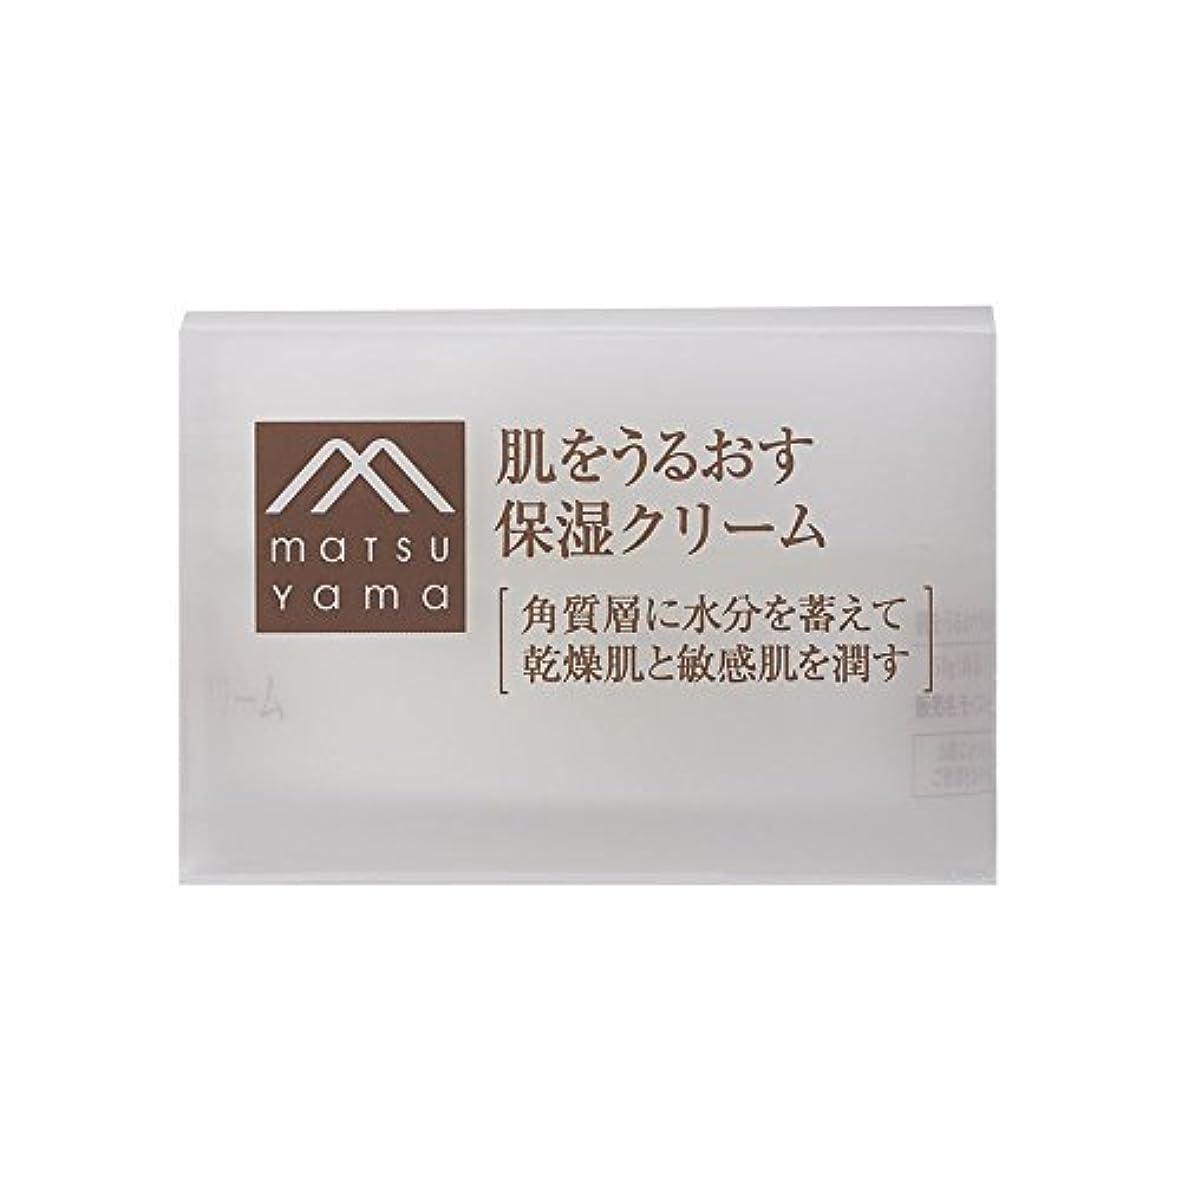 ブロック信頼性のある塗抹肌をうるおす保湿クリーム(クリーム) 濃厚クリーム [乾燥肌 敏感肌]